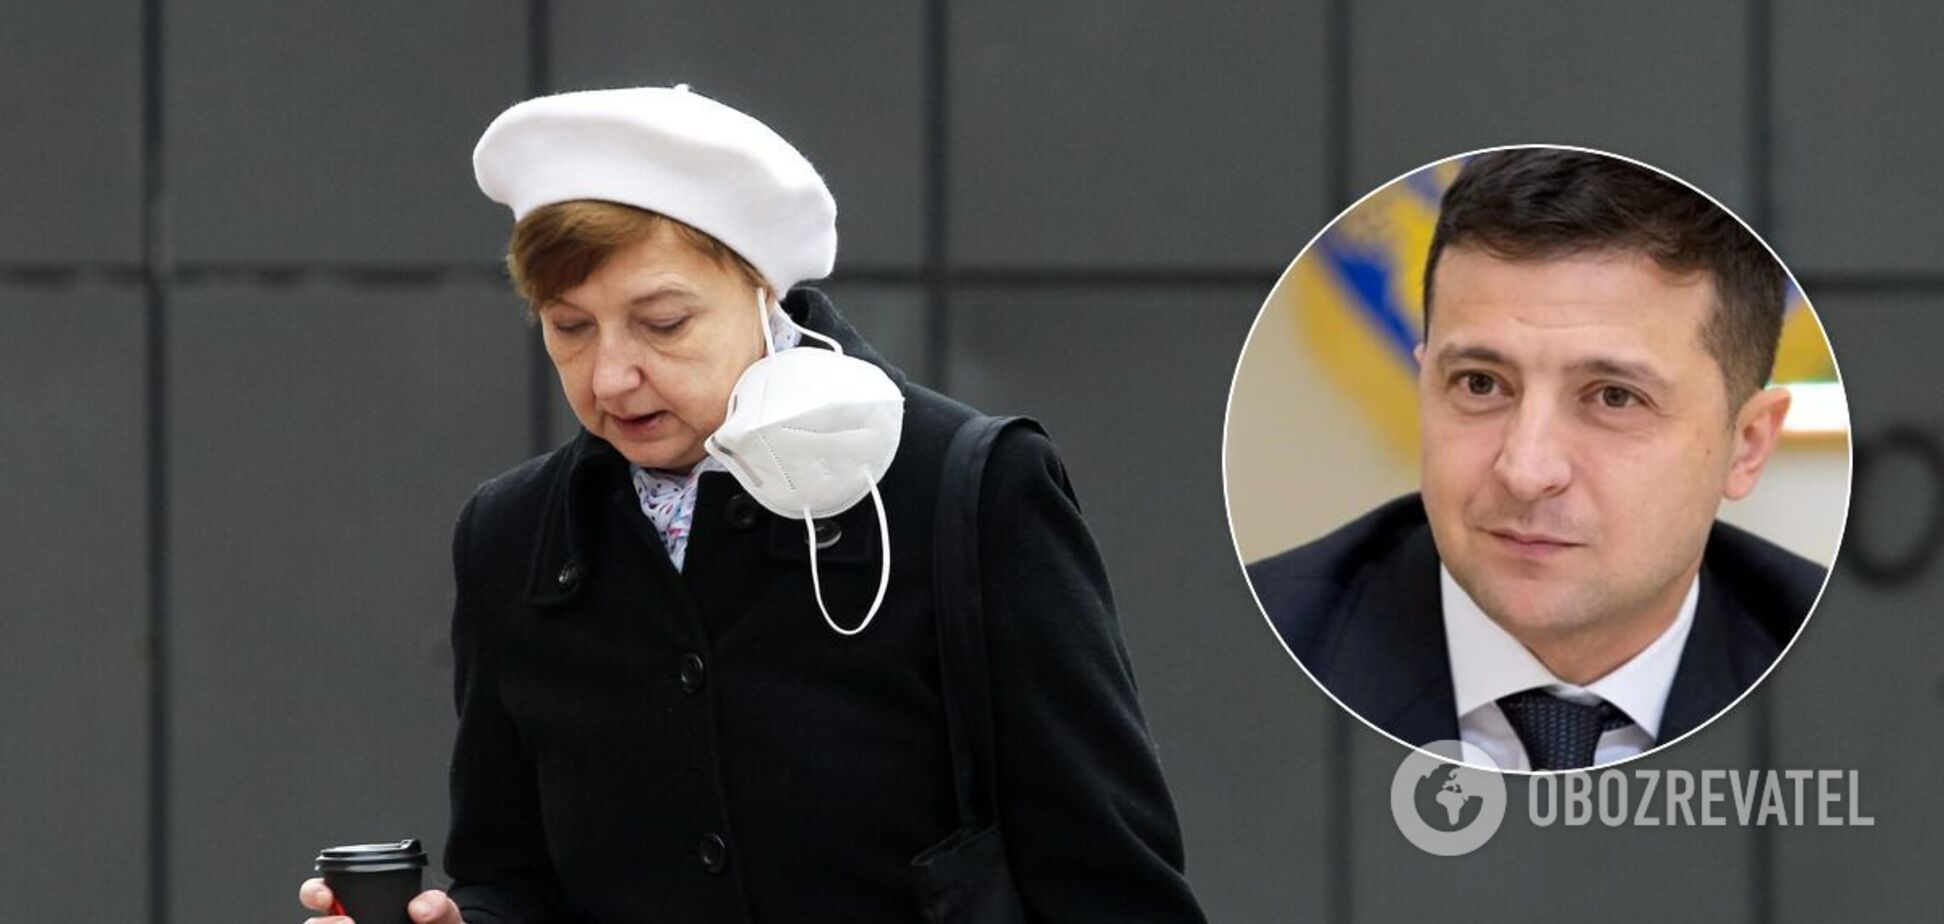 В Украине выписали более 2 тысяч штрафов из-за масок: за что могут наказать